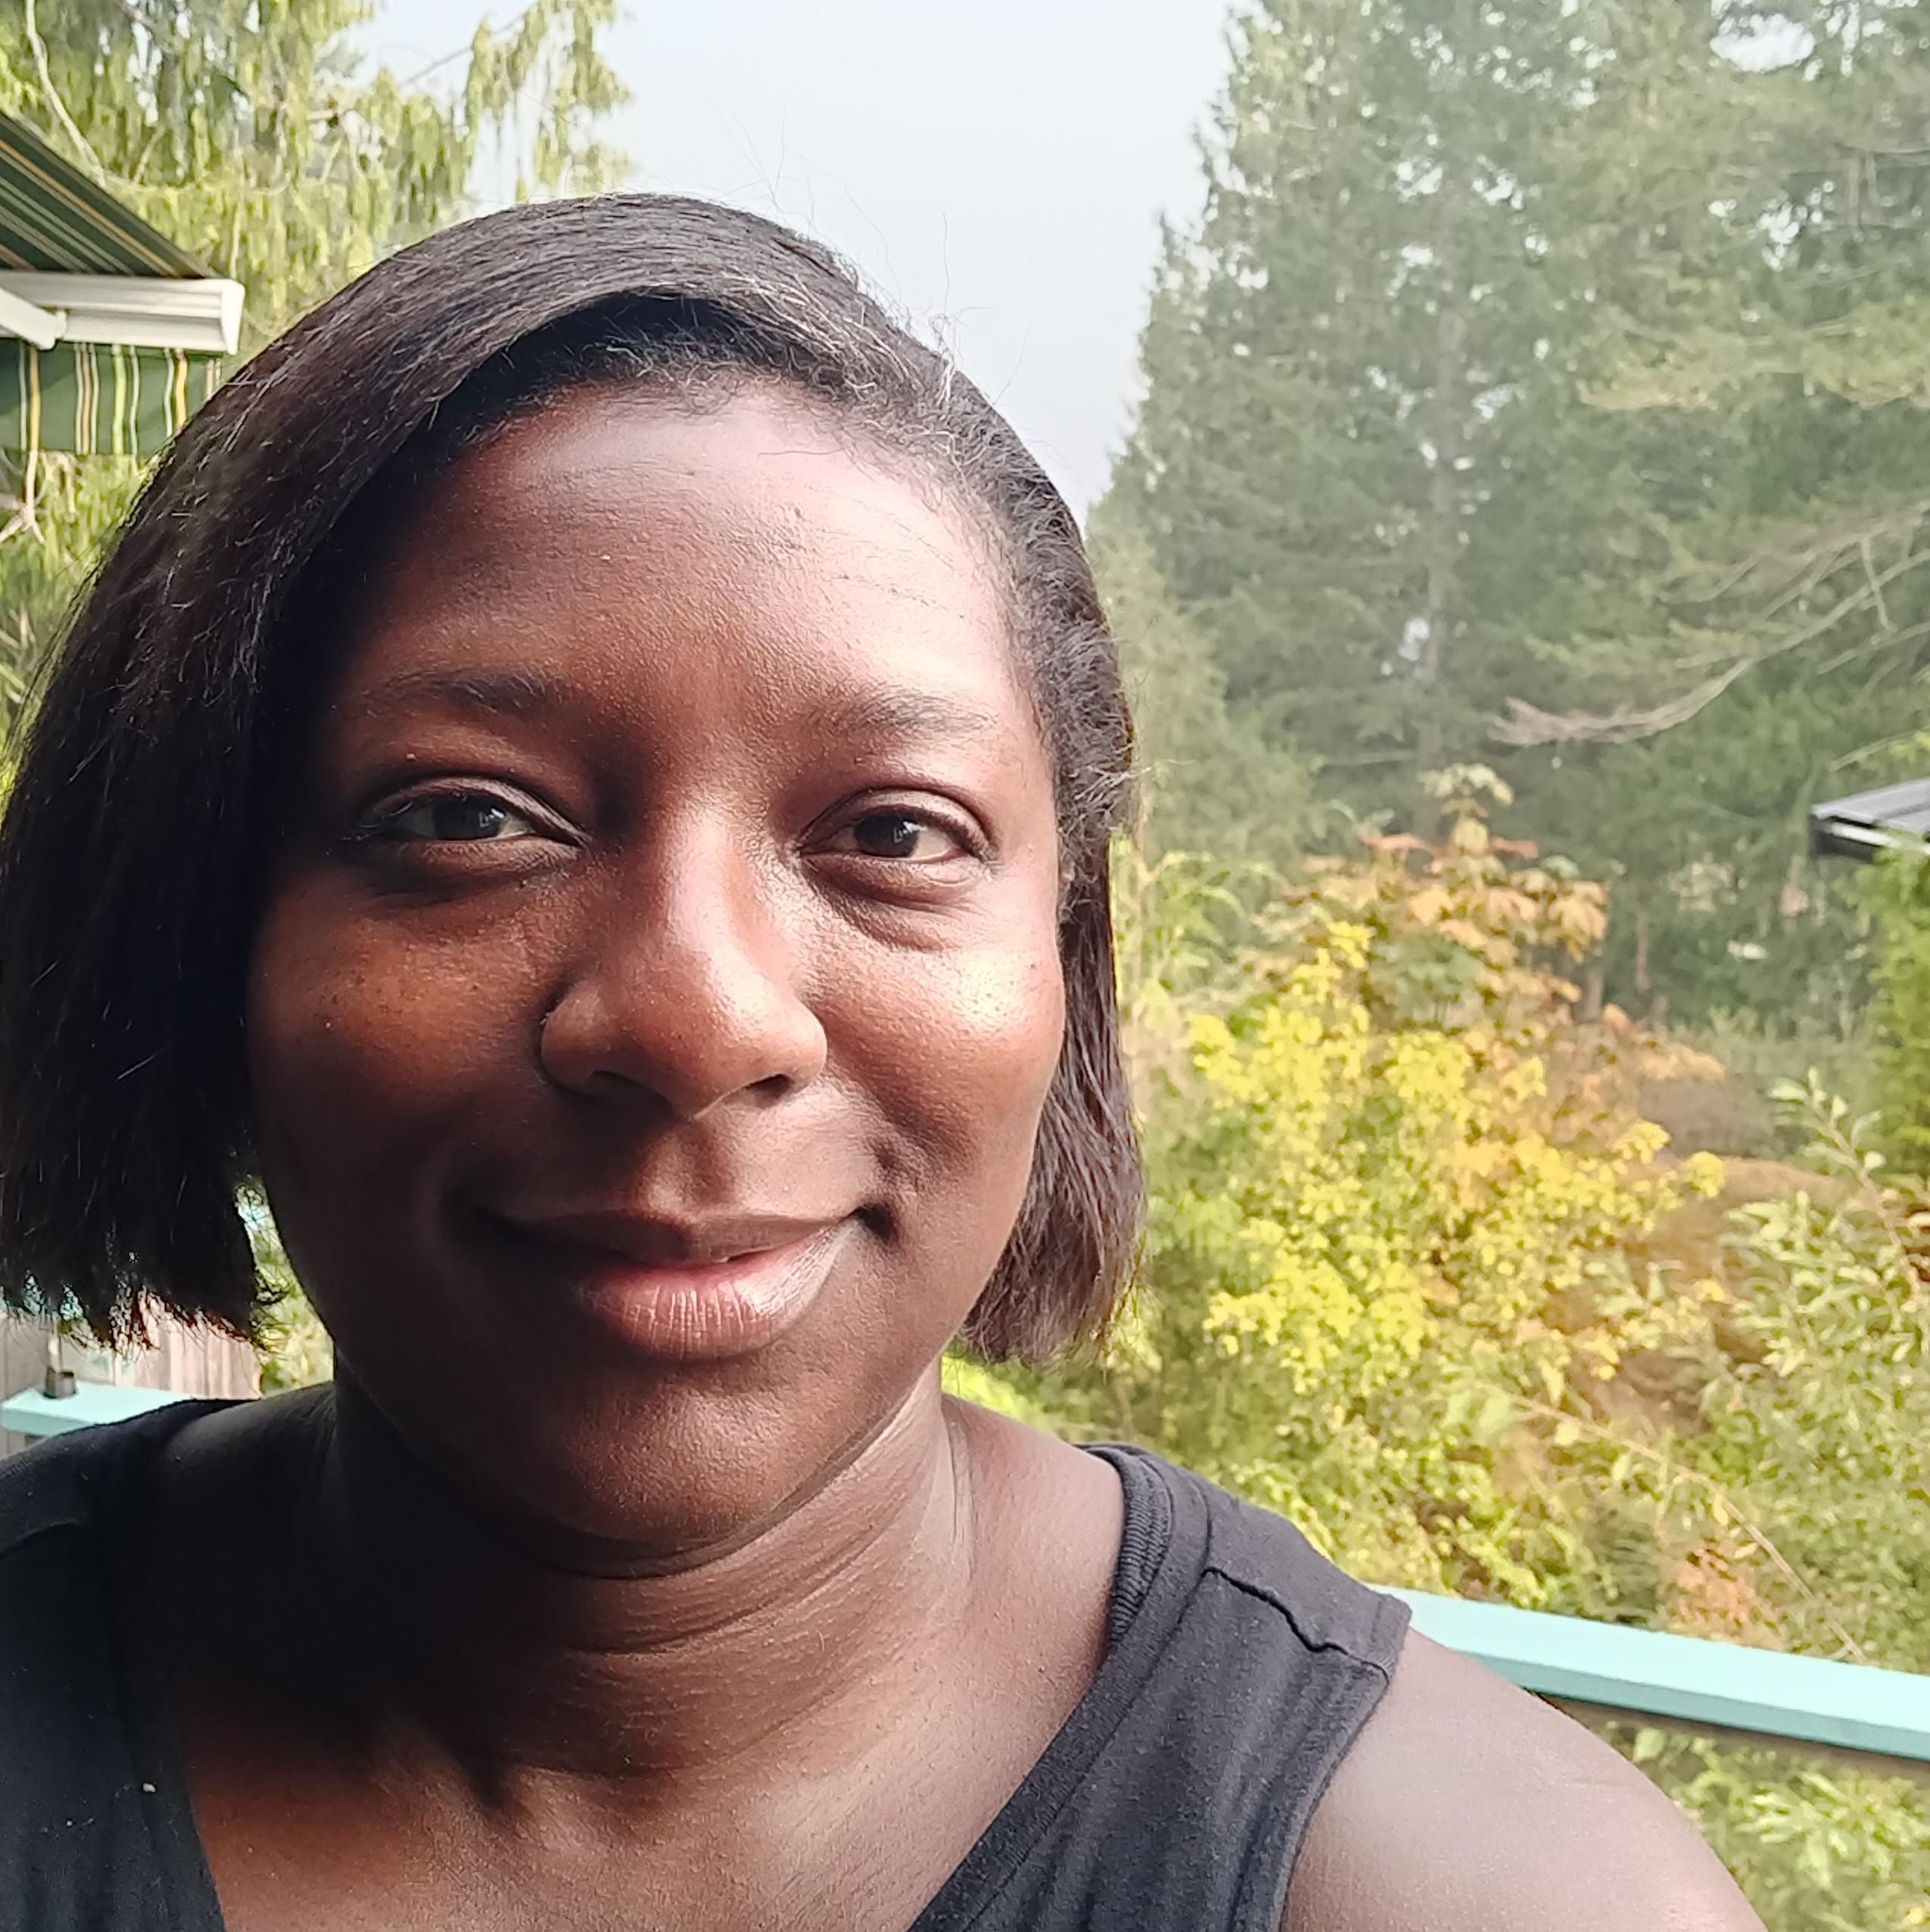 Author Abiola Regan